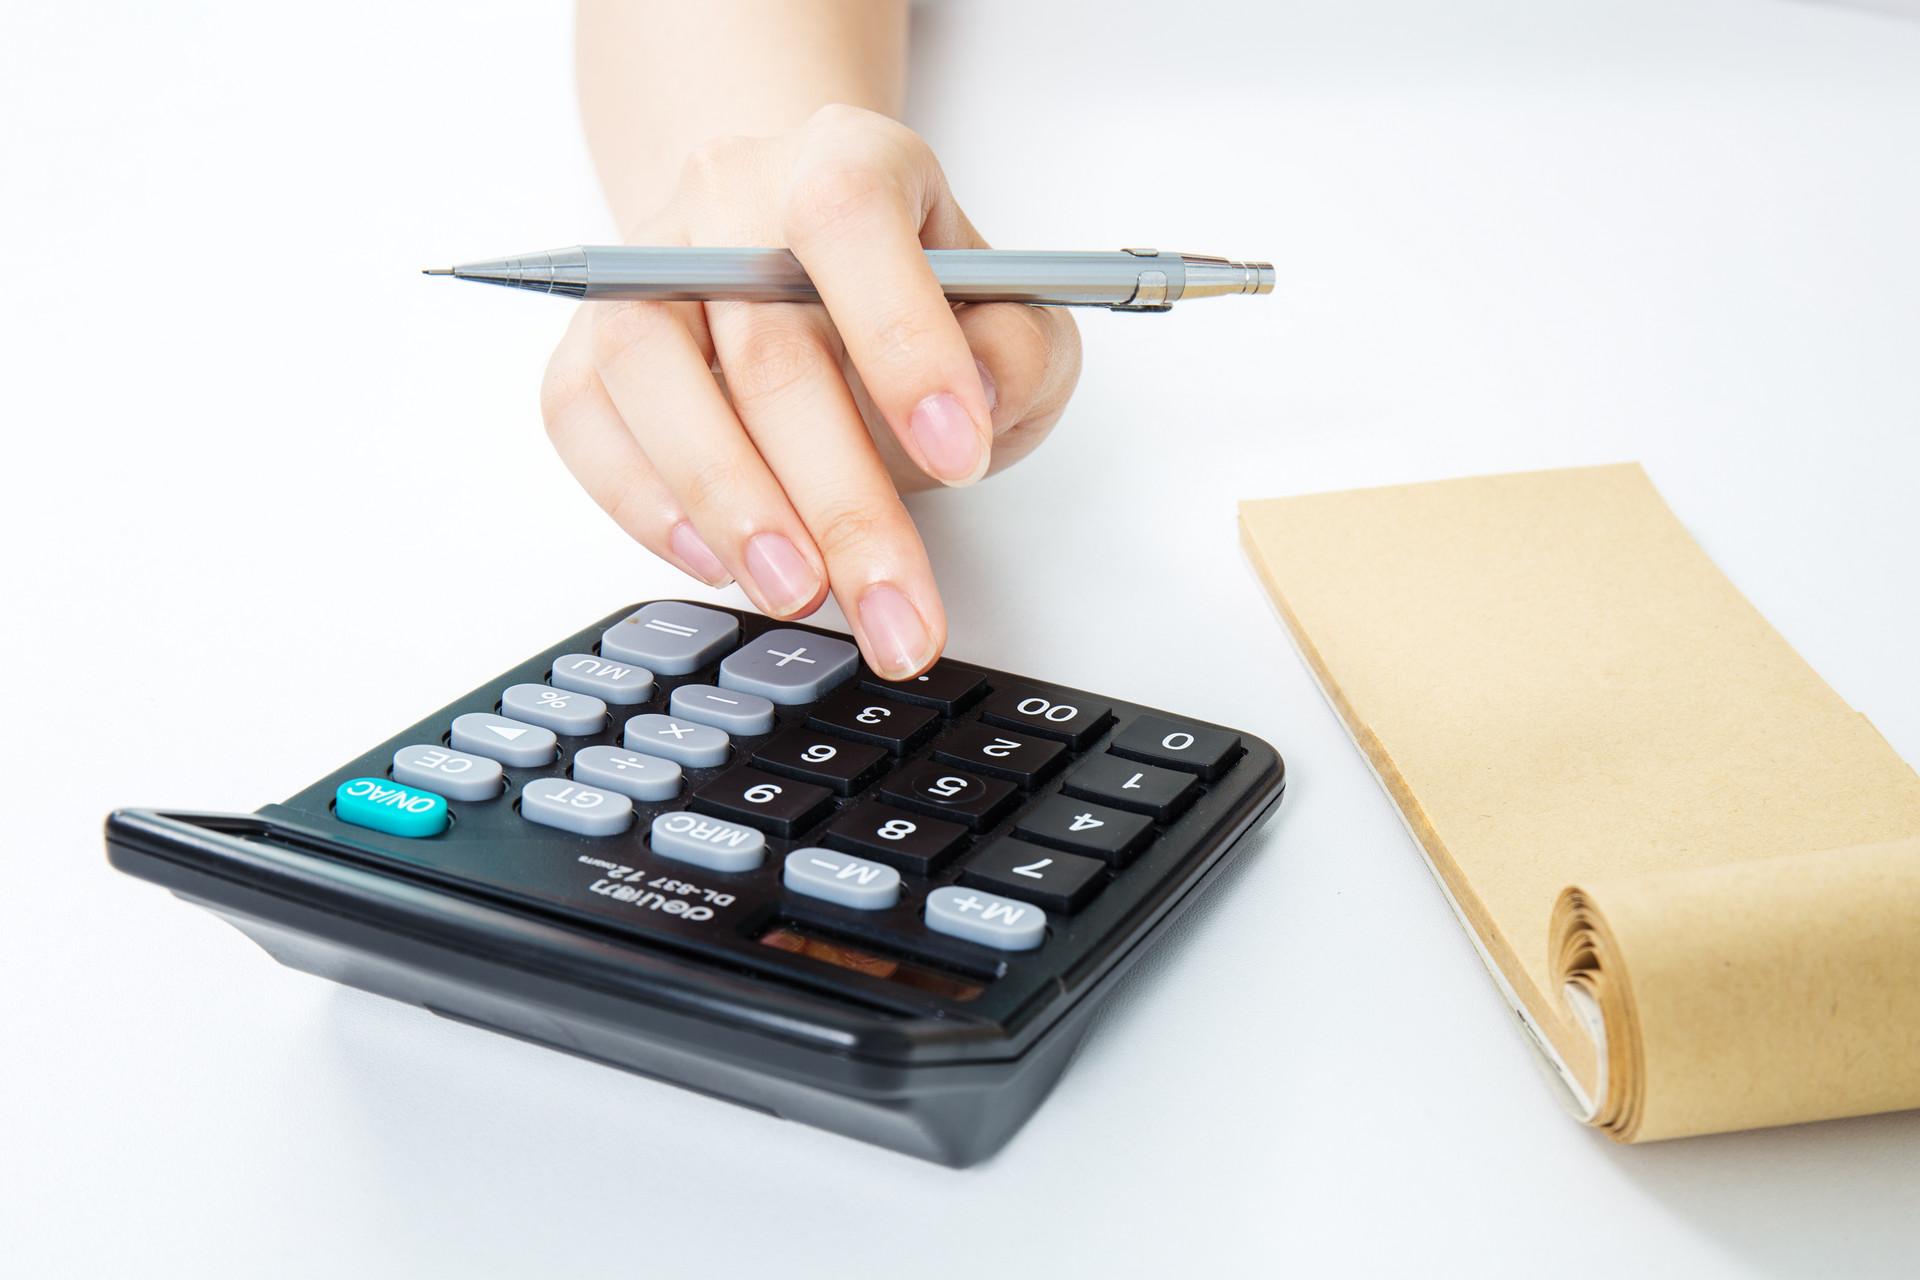 电子工资条也要遵守和普通工资条一样的细则吗,电子工资条